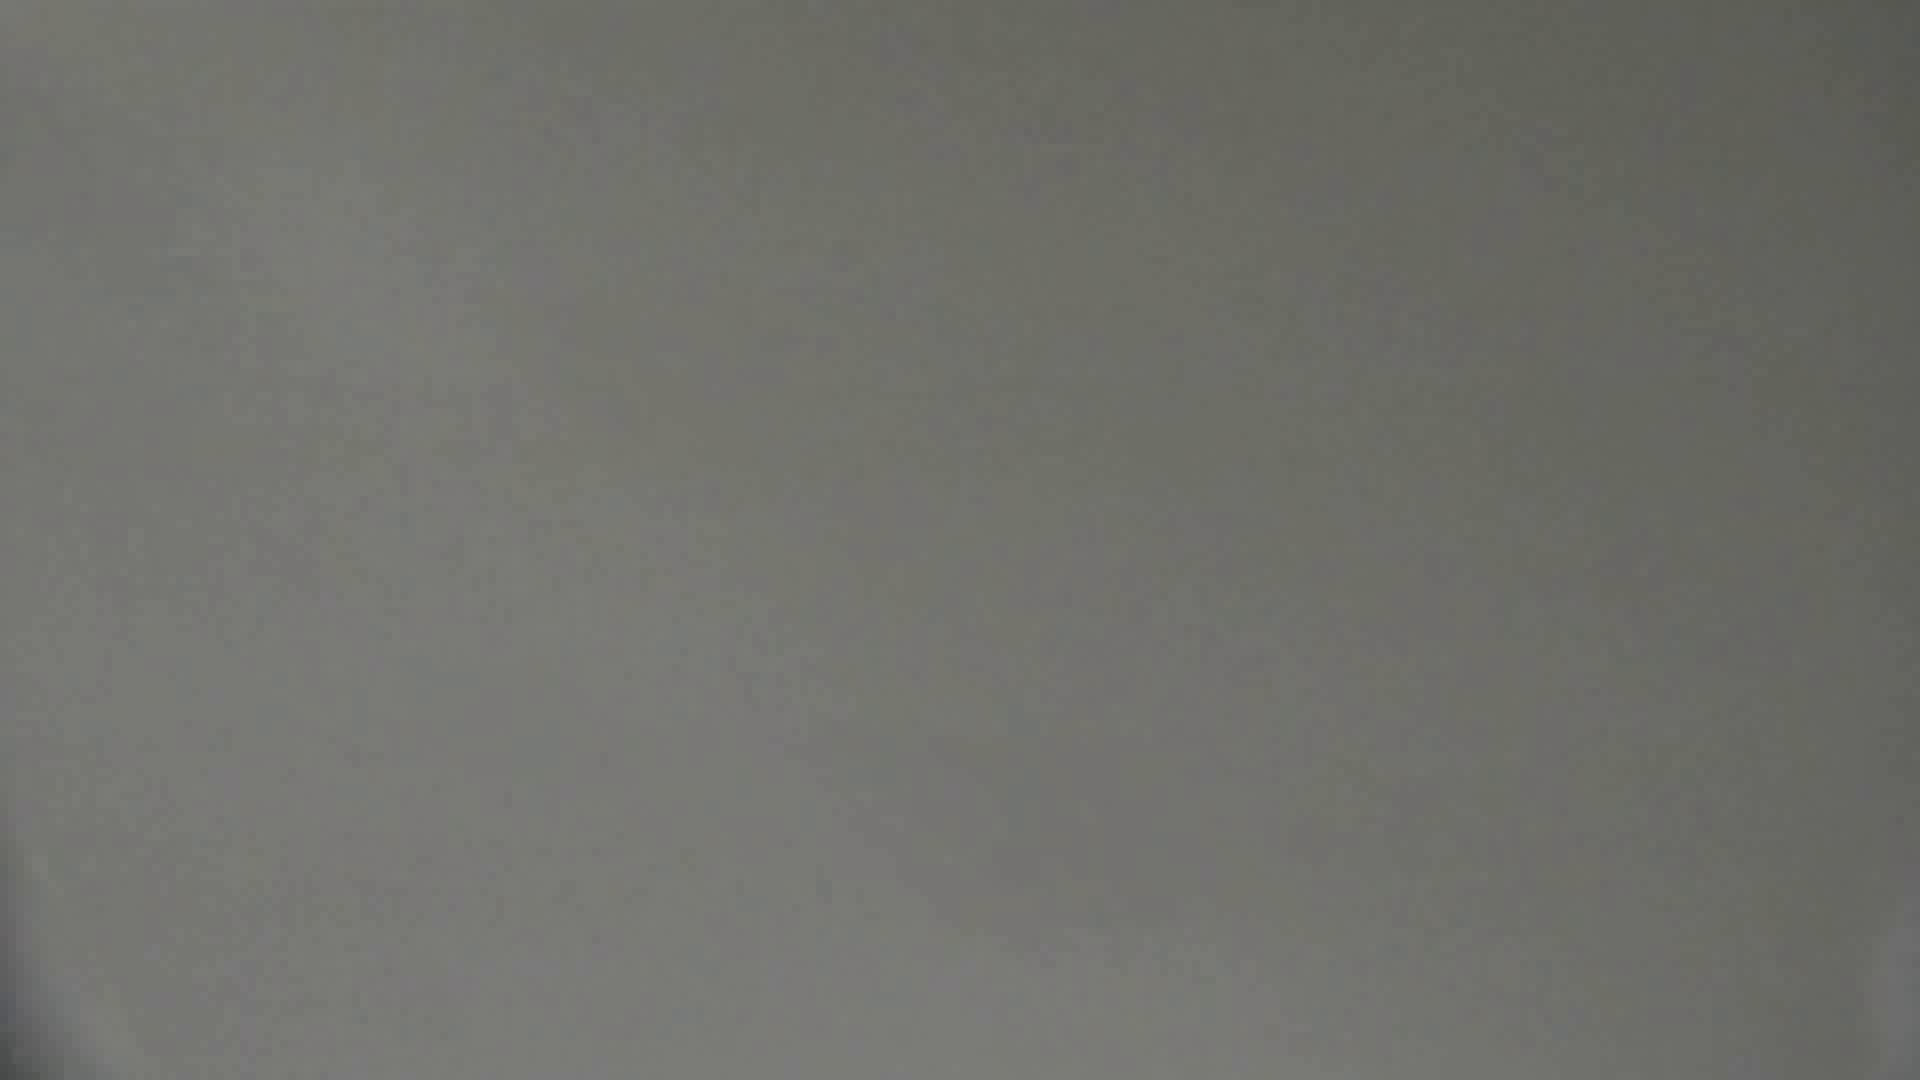 洗面所特攻隊 vol.002今回も鮮明です 洗面所 性交動画流出 109PIX 53